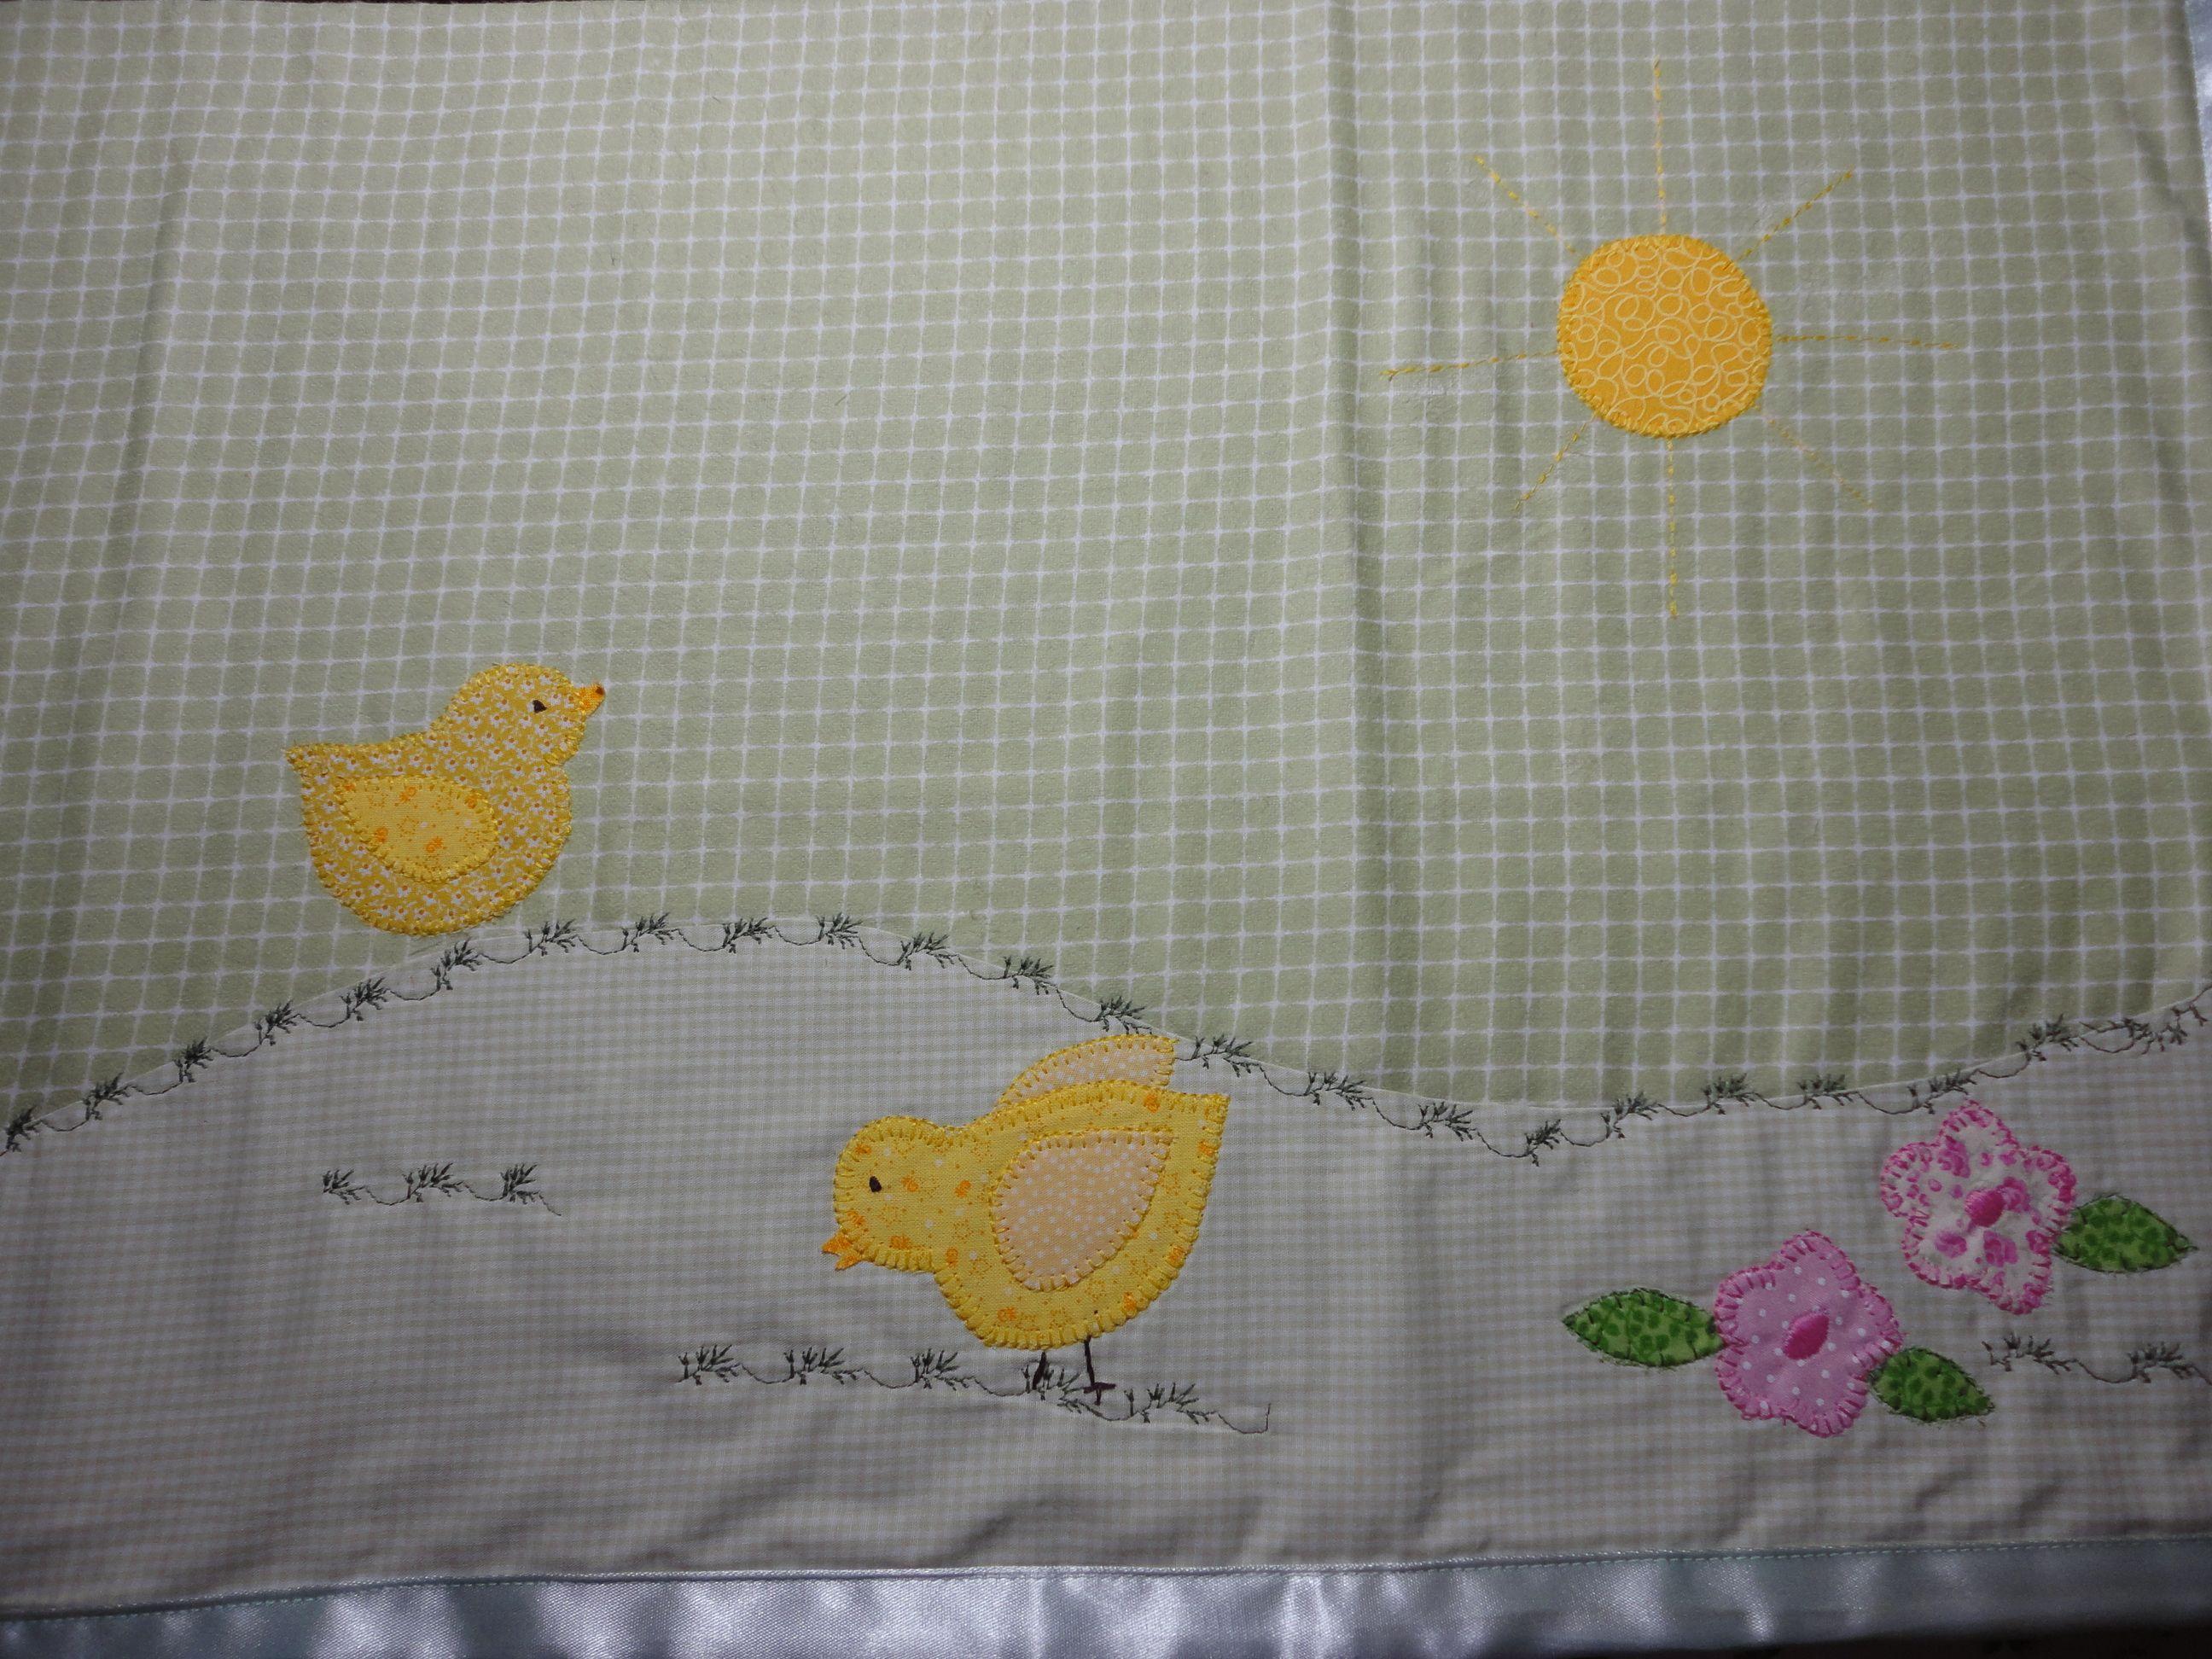 Enxoval de bebe - Cueiro Confeccionado por Maete Atelier www.facebook.com/maete.atelier teresi@globo.com